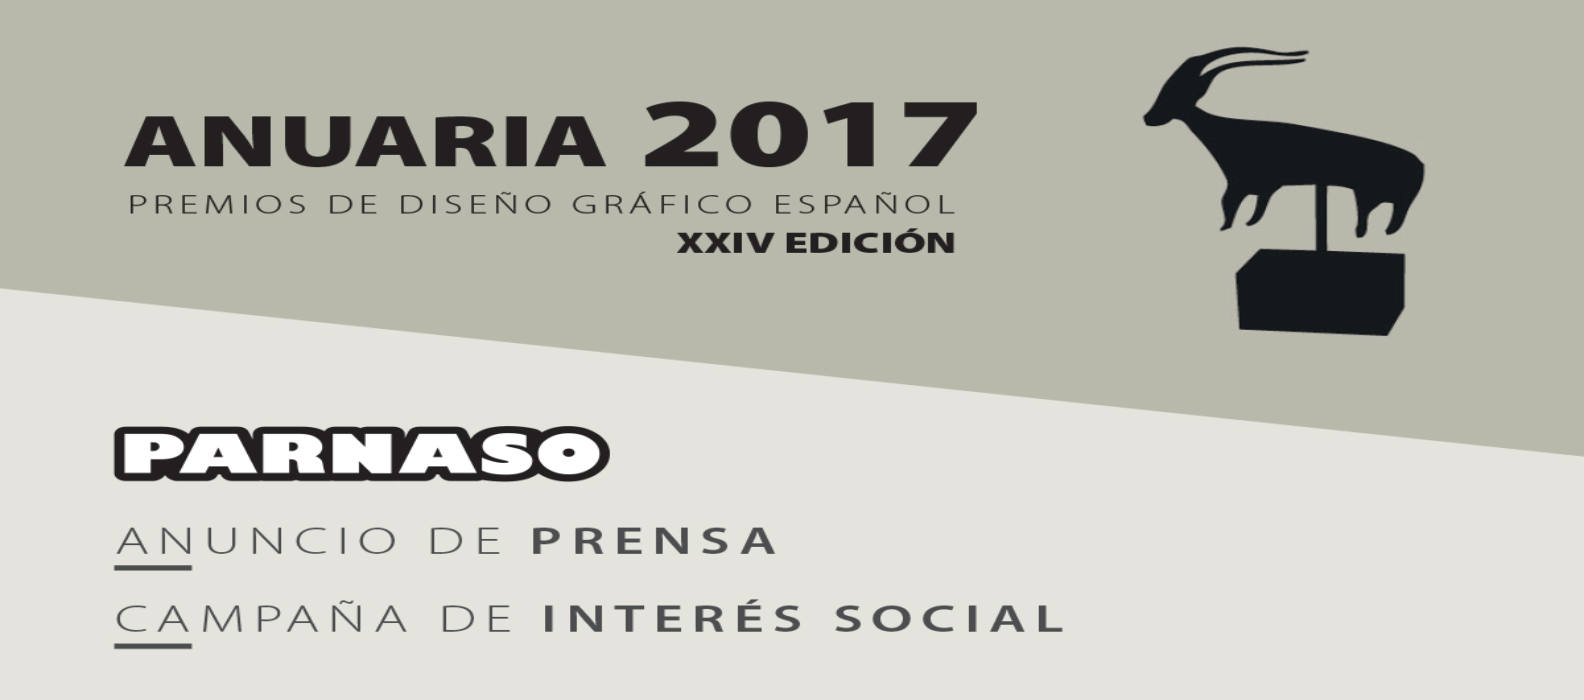 Éxito de Parnaso en los premios de diseño gráfico Anuaria - Parnaso